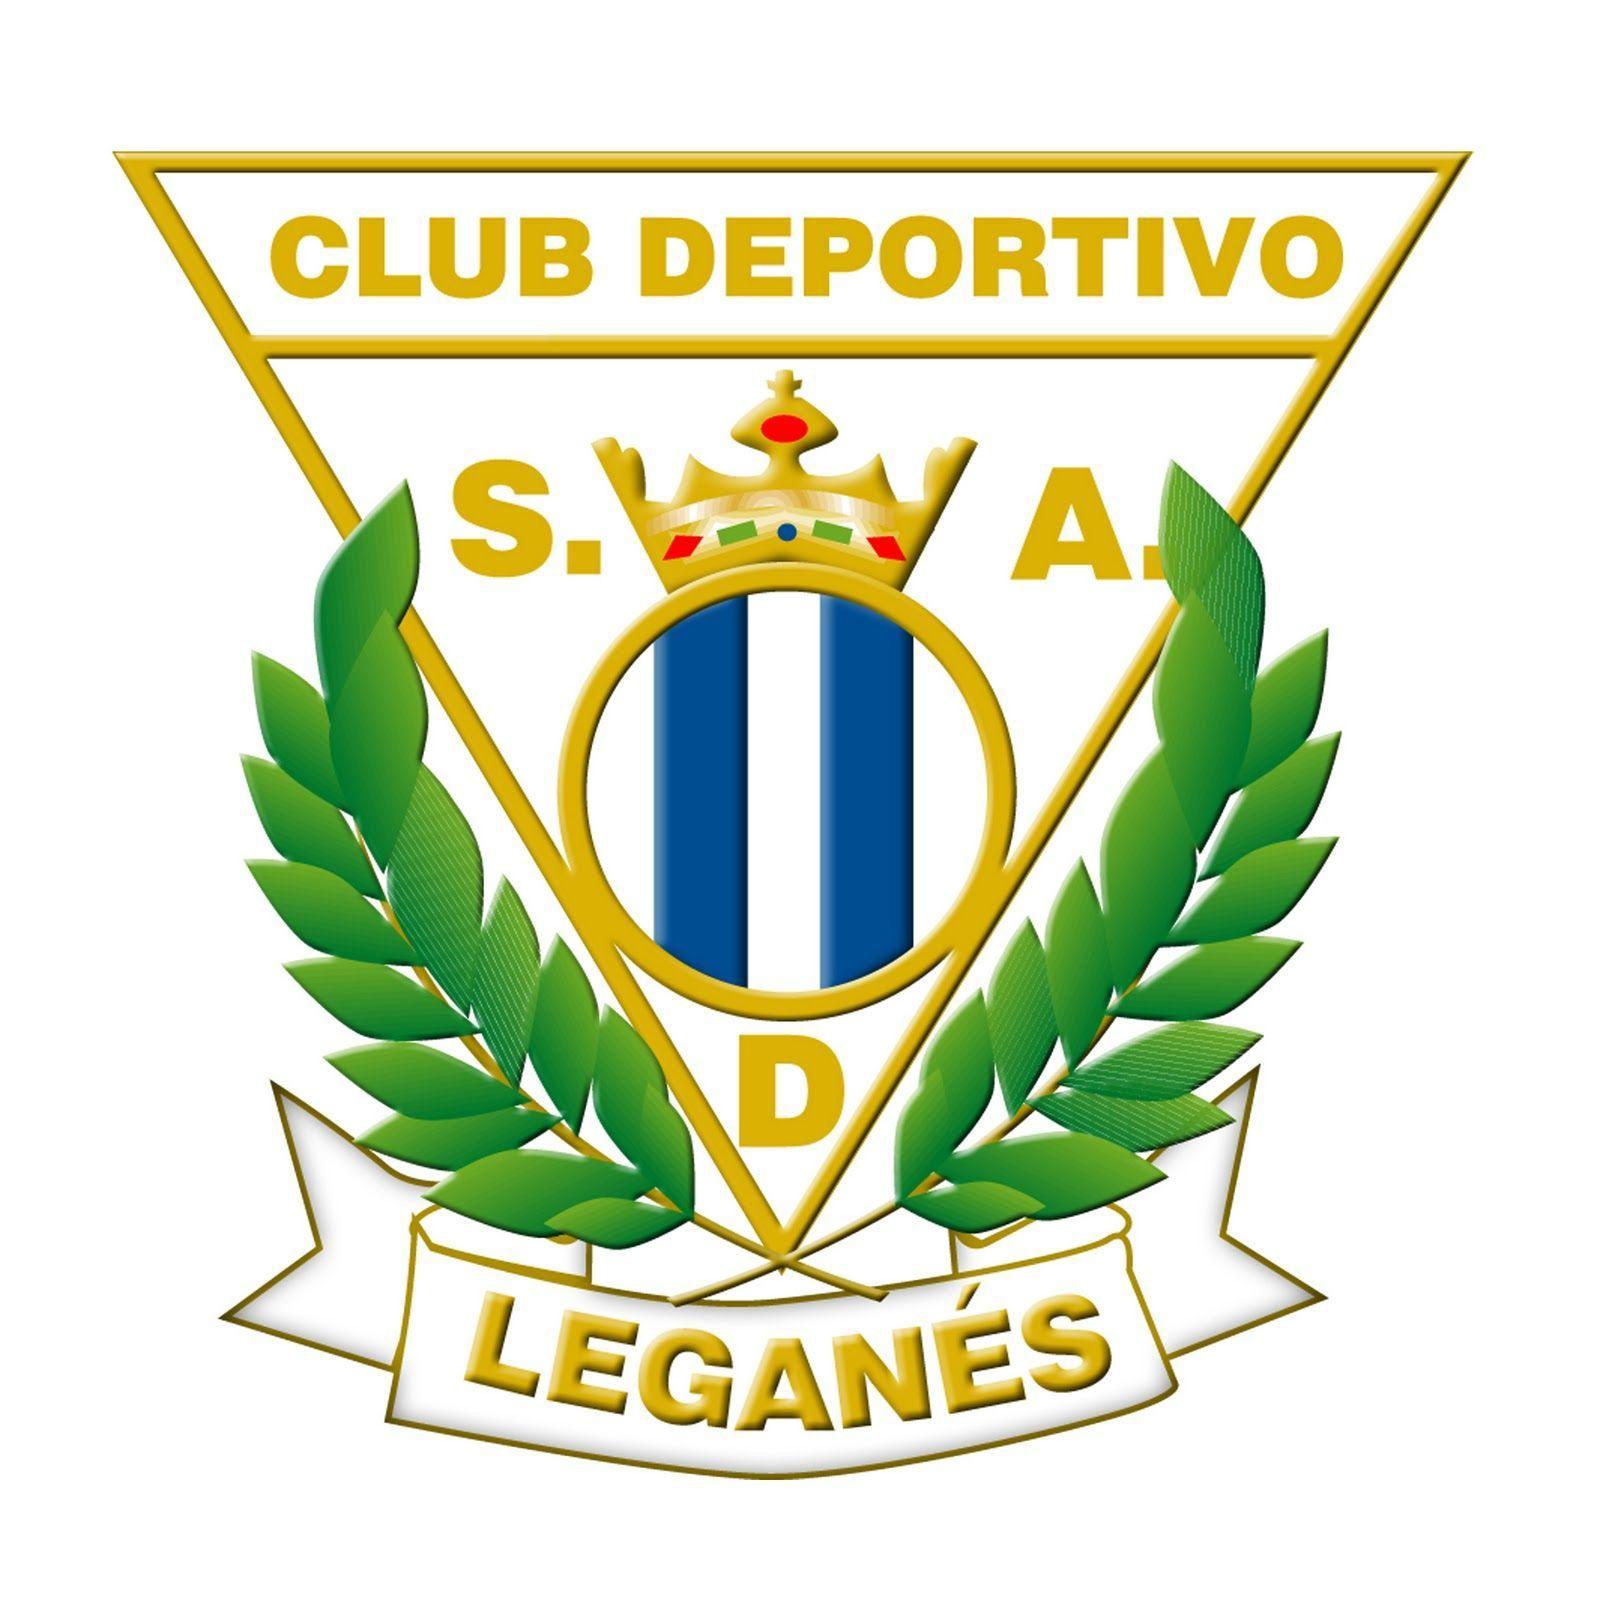 LEGANÉS.¿Cuantás temporadas ha jugado el Leganés en Segunda División?